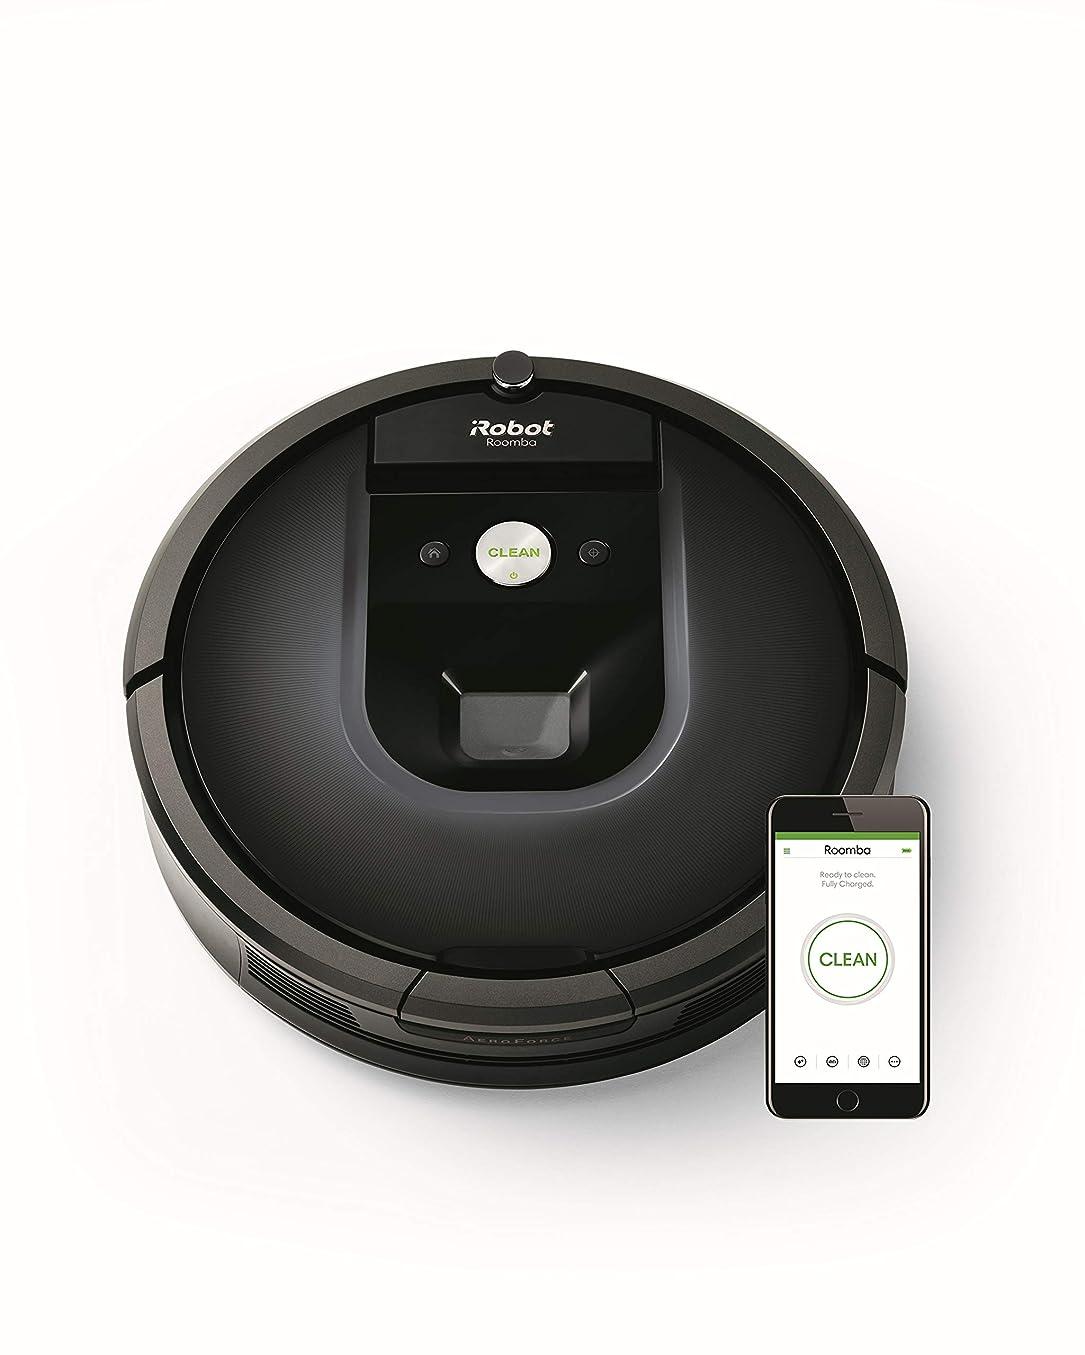 前ケニアスキニー【特別仕様】ルンバ985 アイロボット ロボット掃除機 Wi-Fi対応 スマホ連動 マッピング 自動充電?自動再開 強い吸引力 カーペットブースト R985060【Alexa対応】